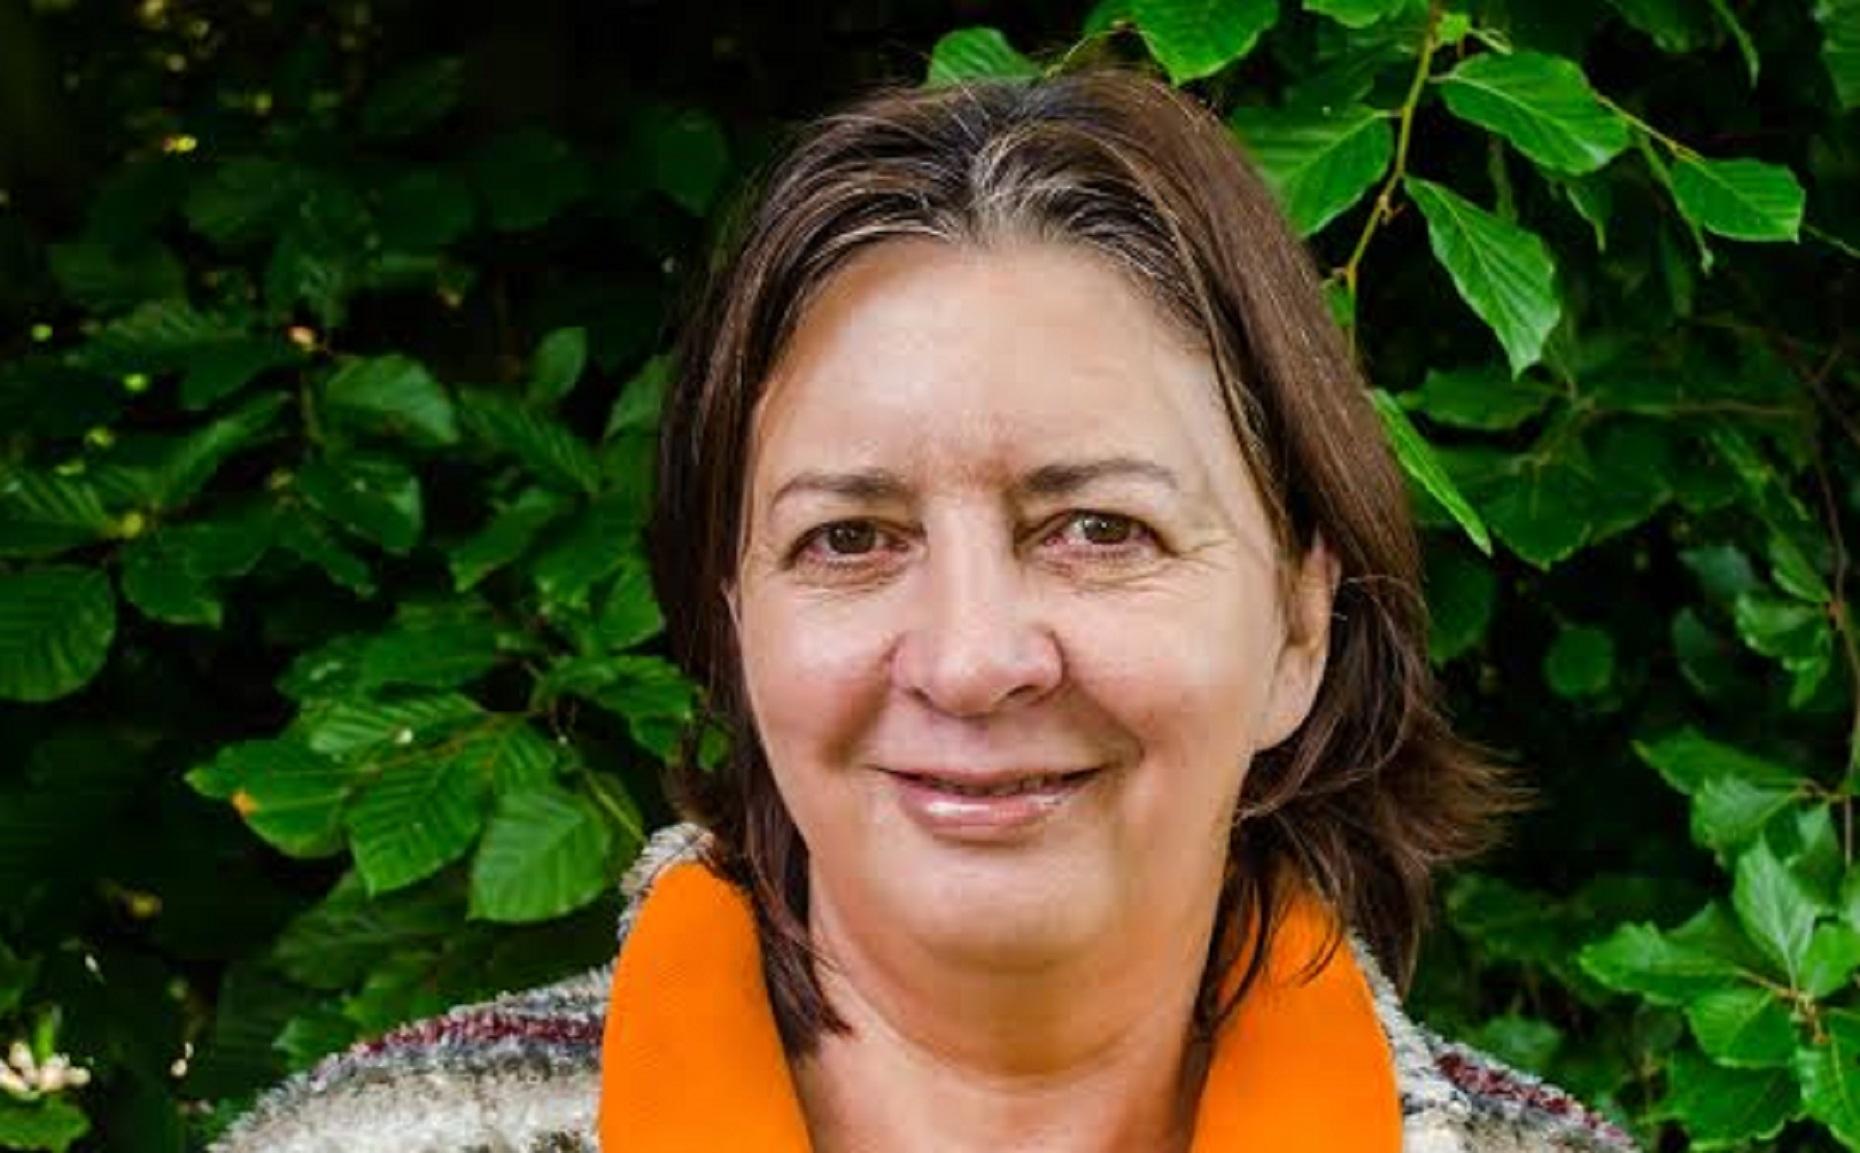 Competition winner Gillian Kennett